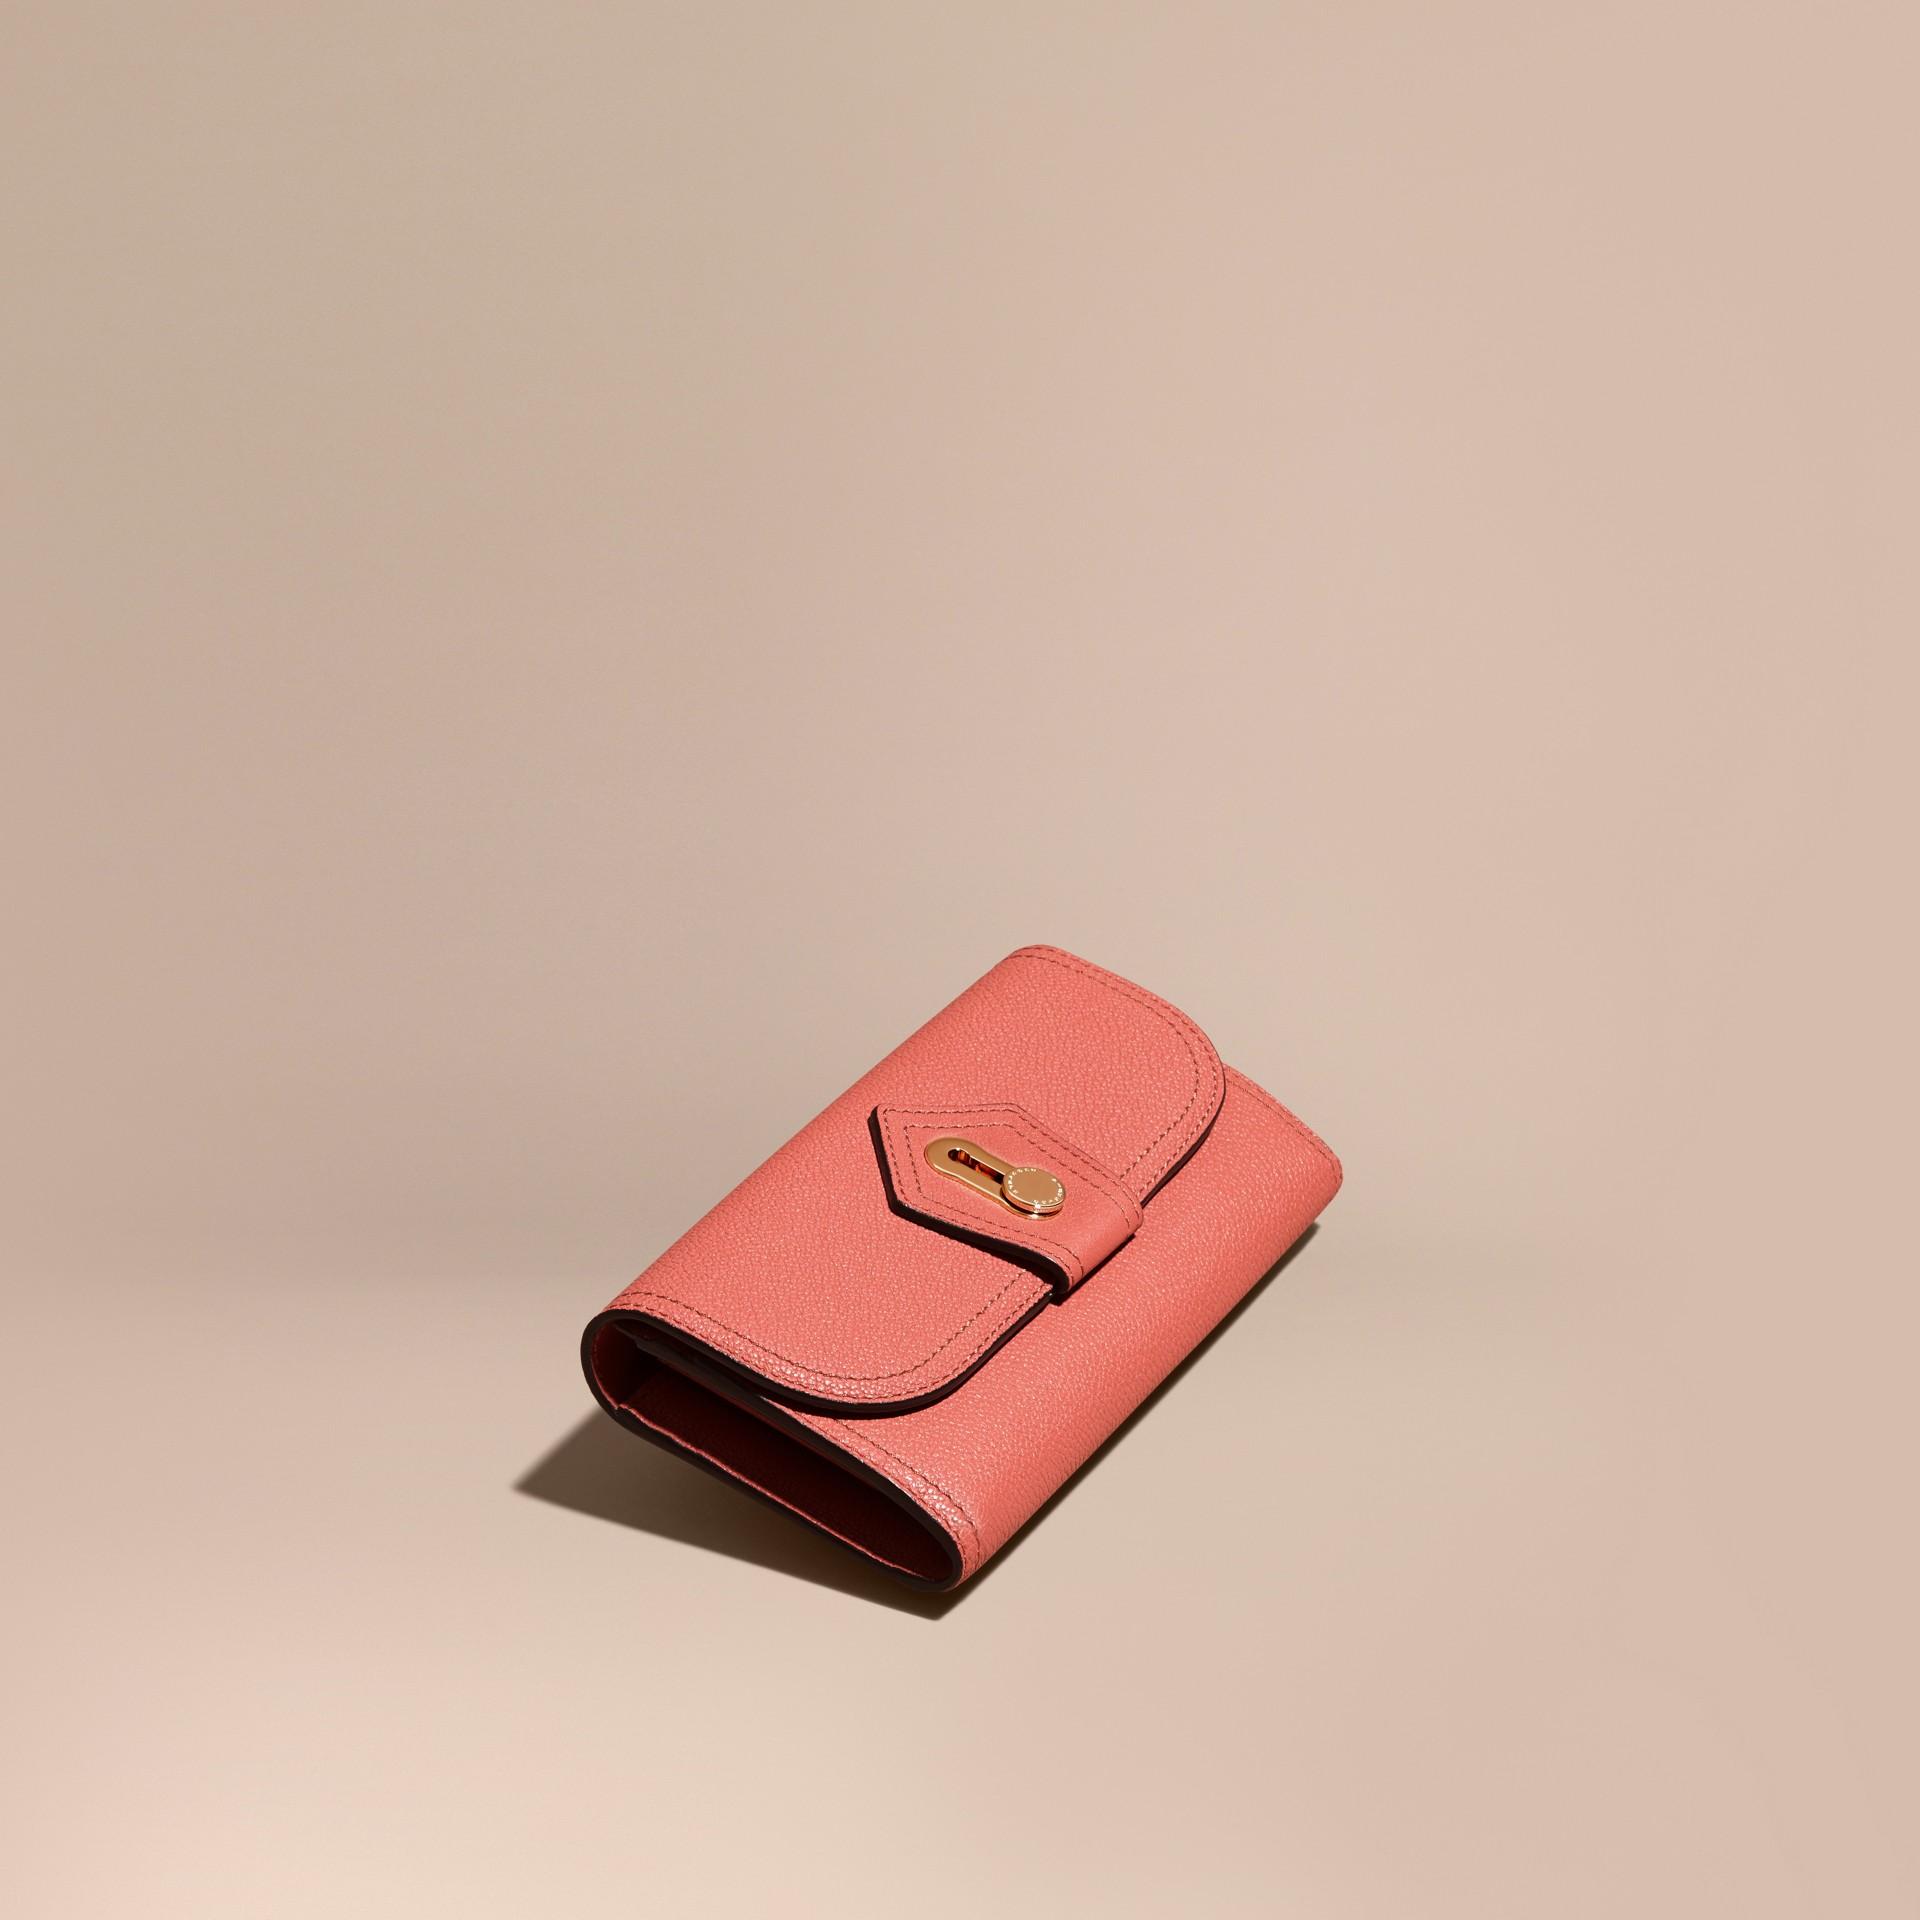 Rose cuivre Portefeuille continental en cuir texturé Rose Cuivre - photo de la galerie 1